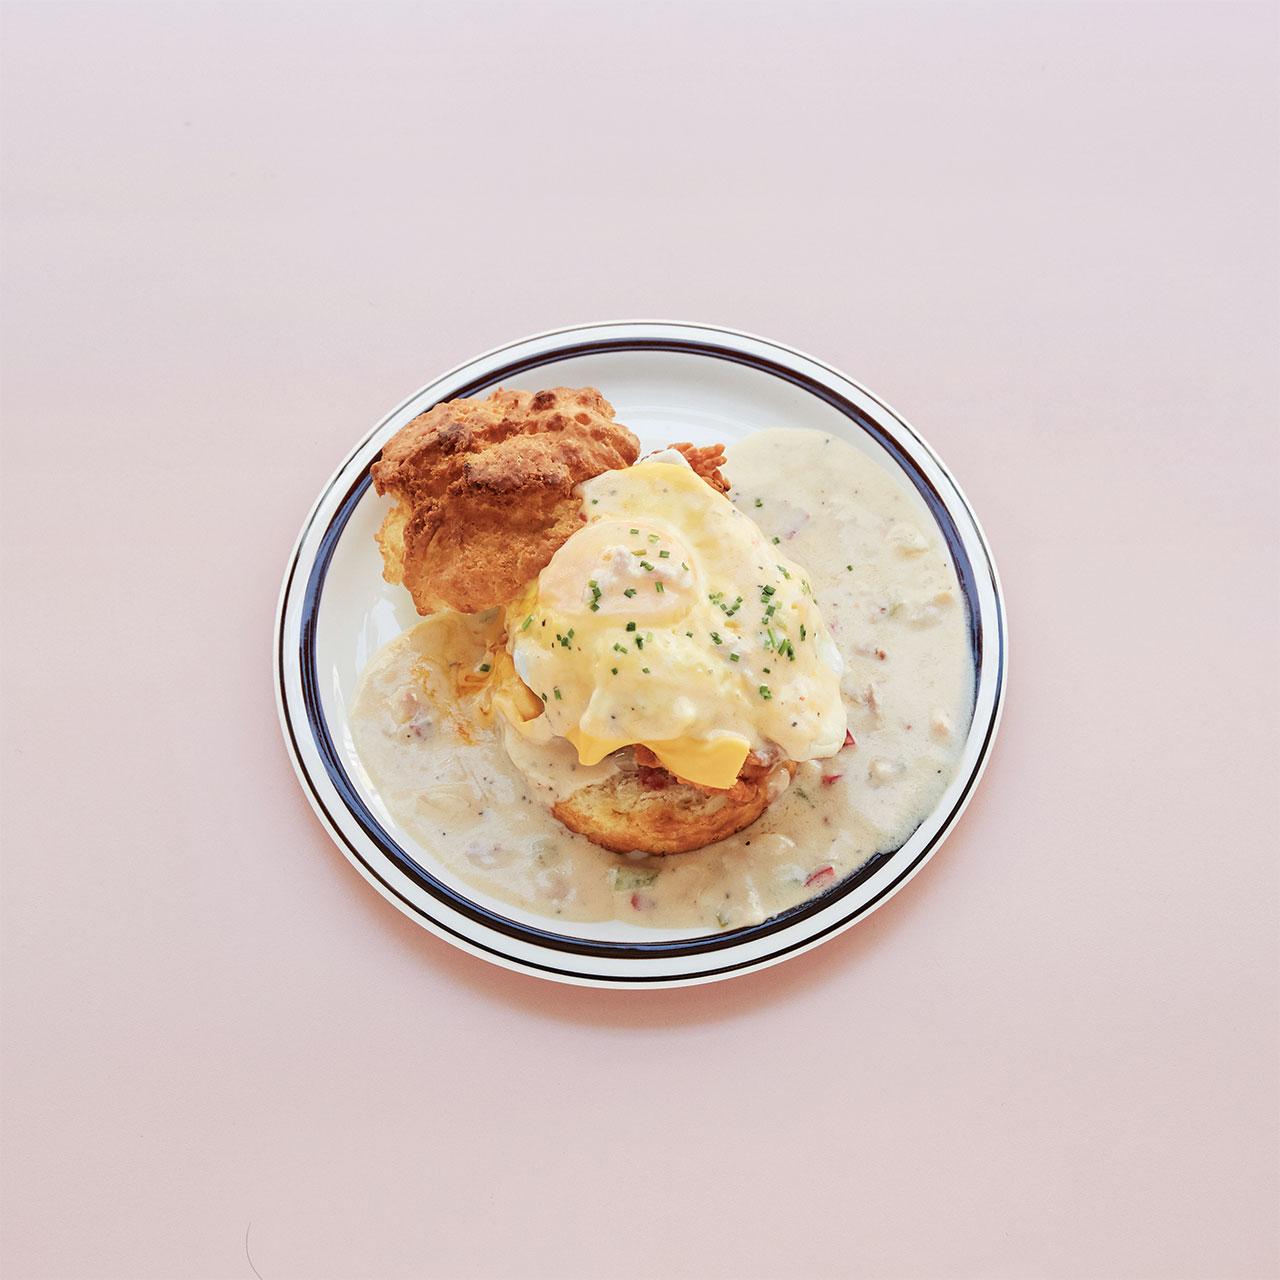 비스킷 사이에 치킨을 올리고  그레이비를 더한 '서더너'